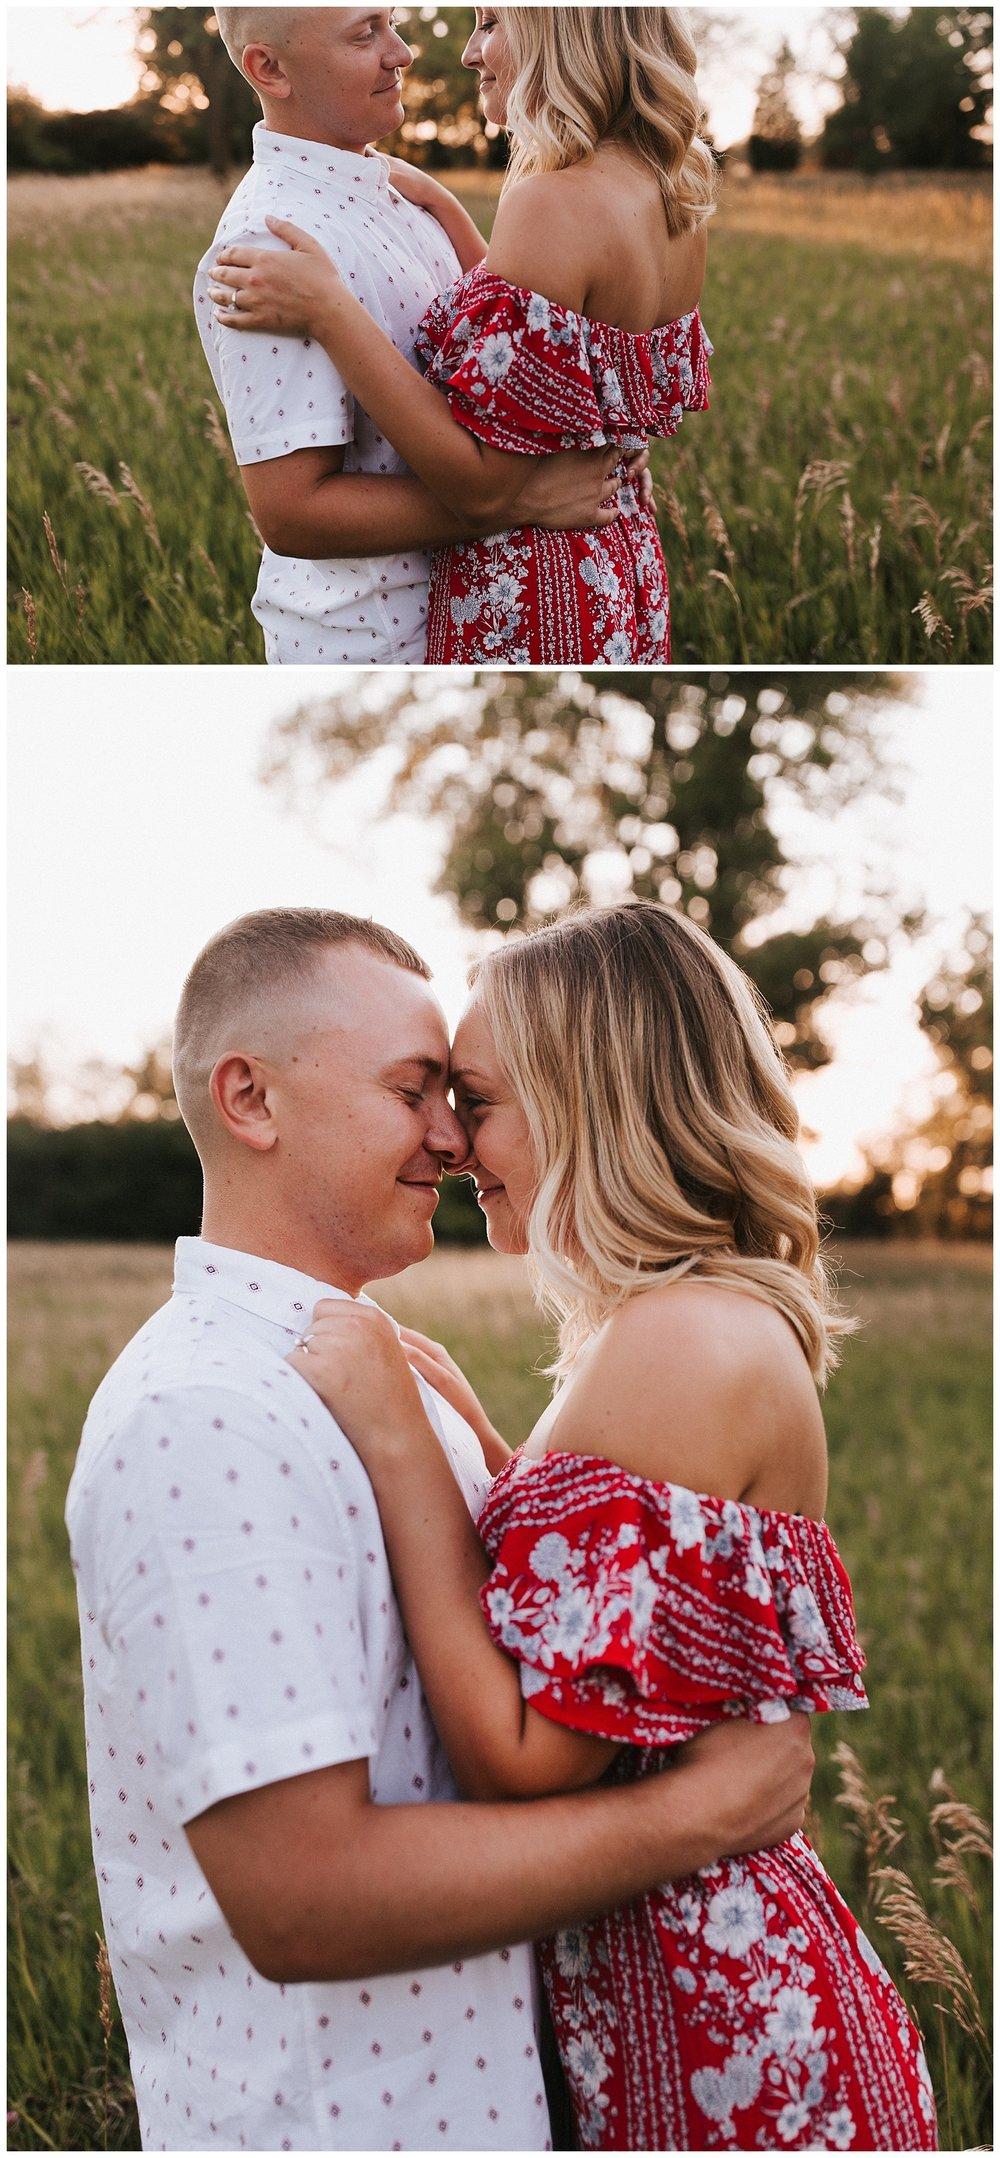 golden_hour_engagement_session_haley_chicoine_traveling_weddingphotographer_adventurouslovestories_love_engagement_nebraska_0040.jpg